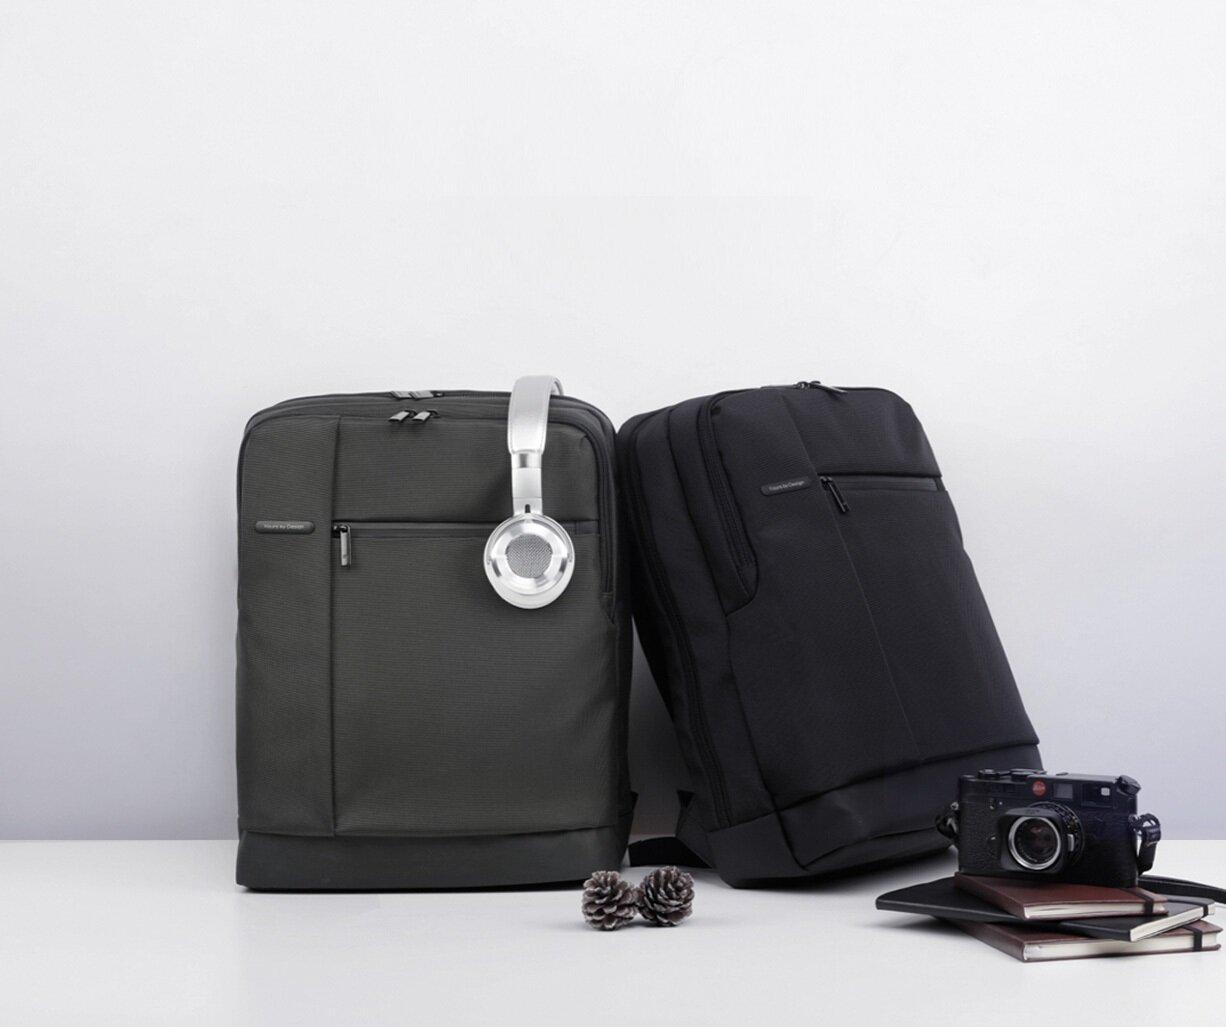 Balo High Sierra Curve Daypack và Xiaomi Business Classic đều là những sản phẩm rất đáng để lựa chọn